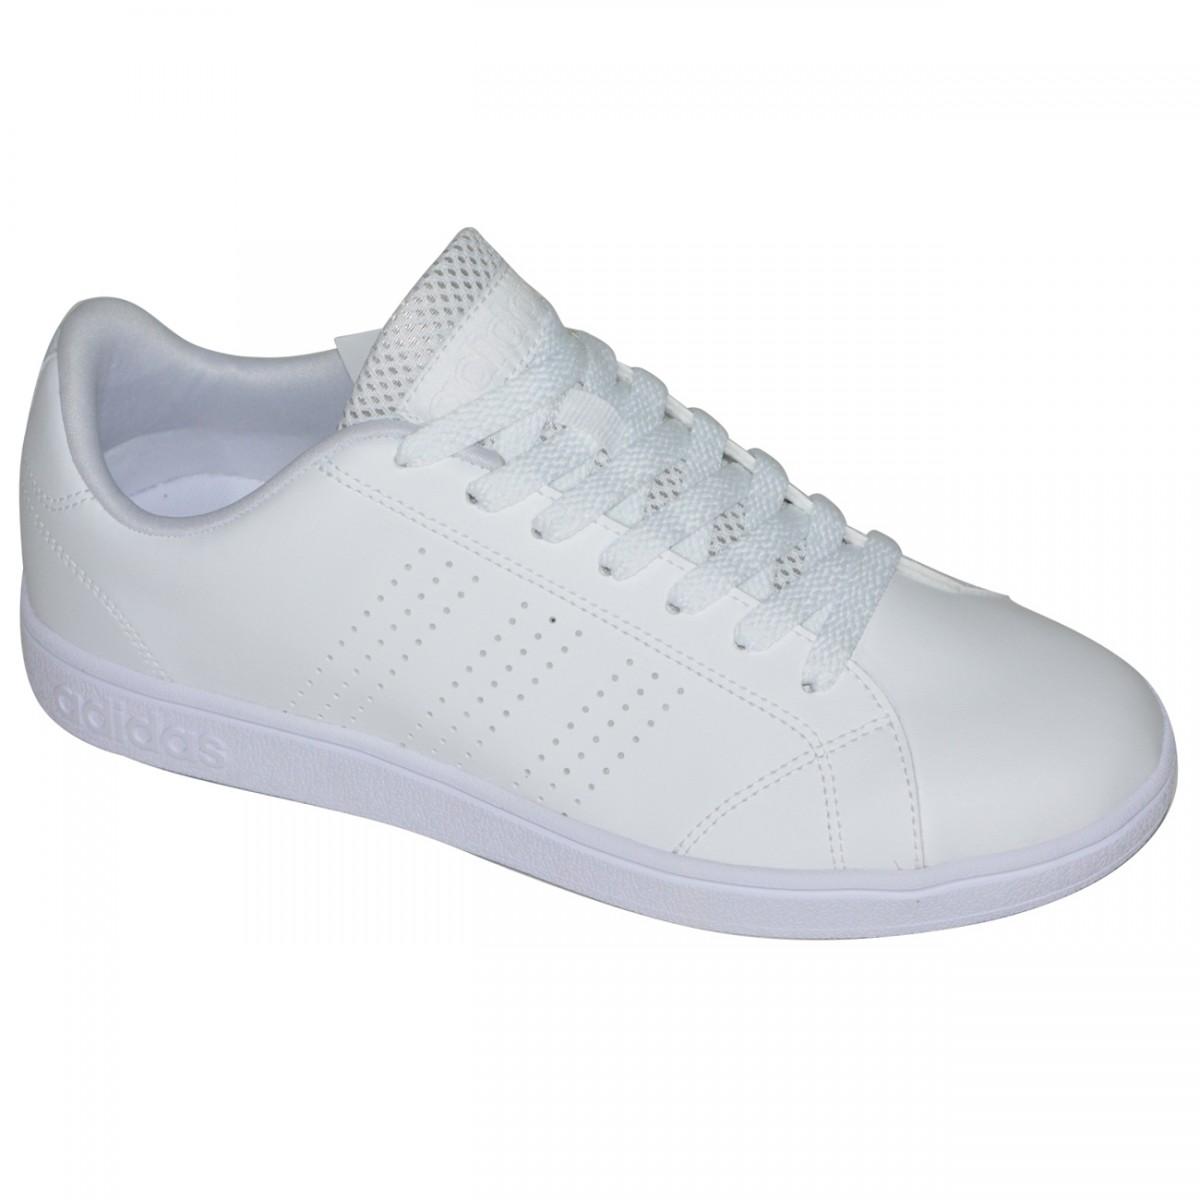 Tenis Adidas Advantage Clean B74685 - Branco Branco - Chuteira Nike ... f79e1c4cd68b4